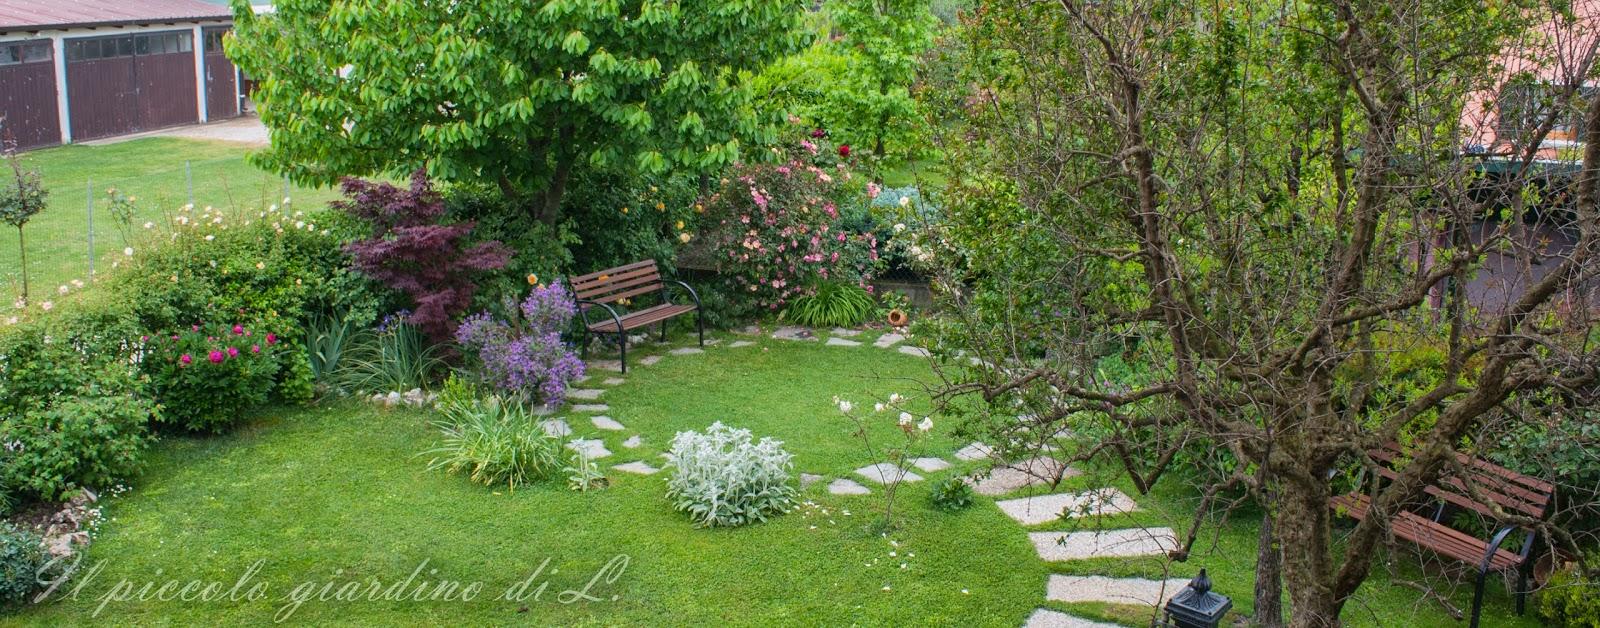 Il piccolo giardino di l una visione d 39 insieme del mio for Giardini da arredare